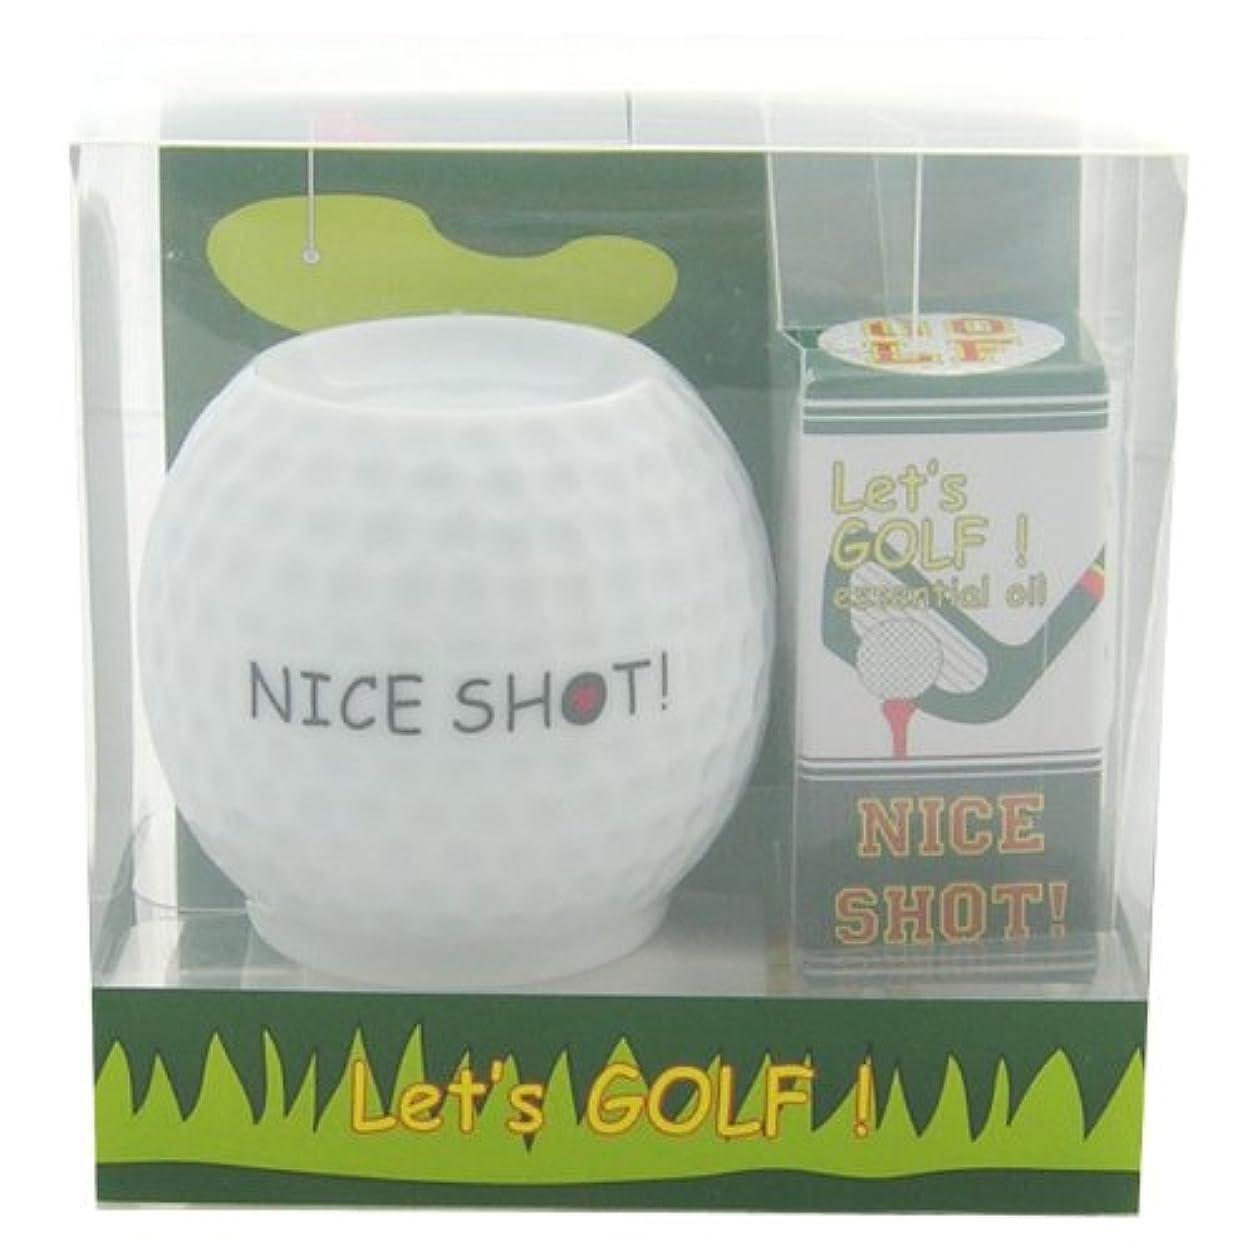 特定の構成員日常的にフリート レッツ ゴルフ! アロマライトセット ナイスショット! 4ml